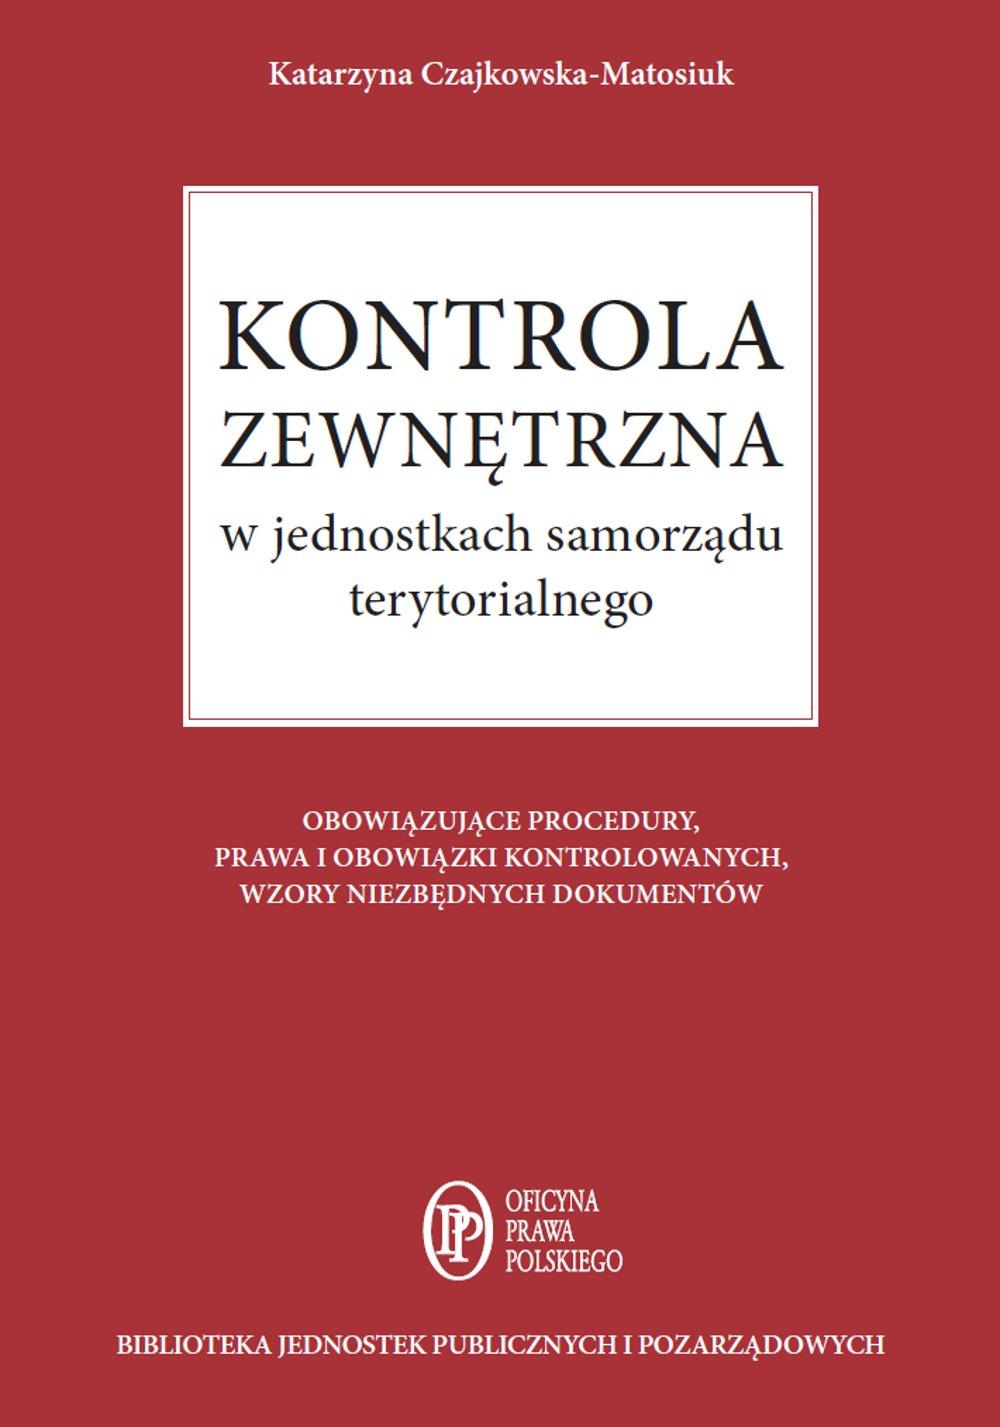 Kontrola zewnętrzna w jednostkach samorządu terytorialnego - Ebook (Książka PDF) do pobrania w formacie PDF